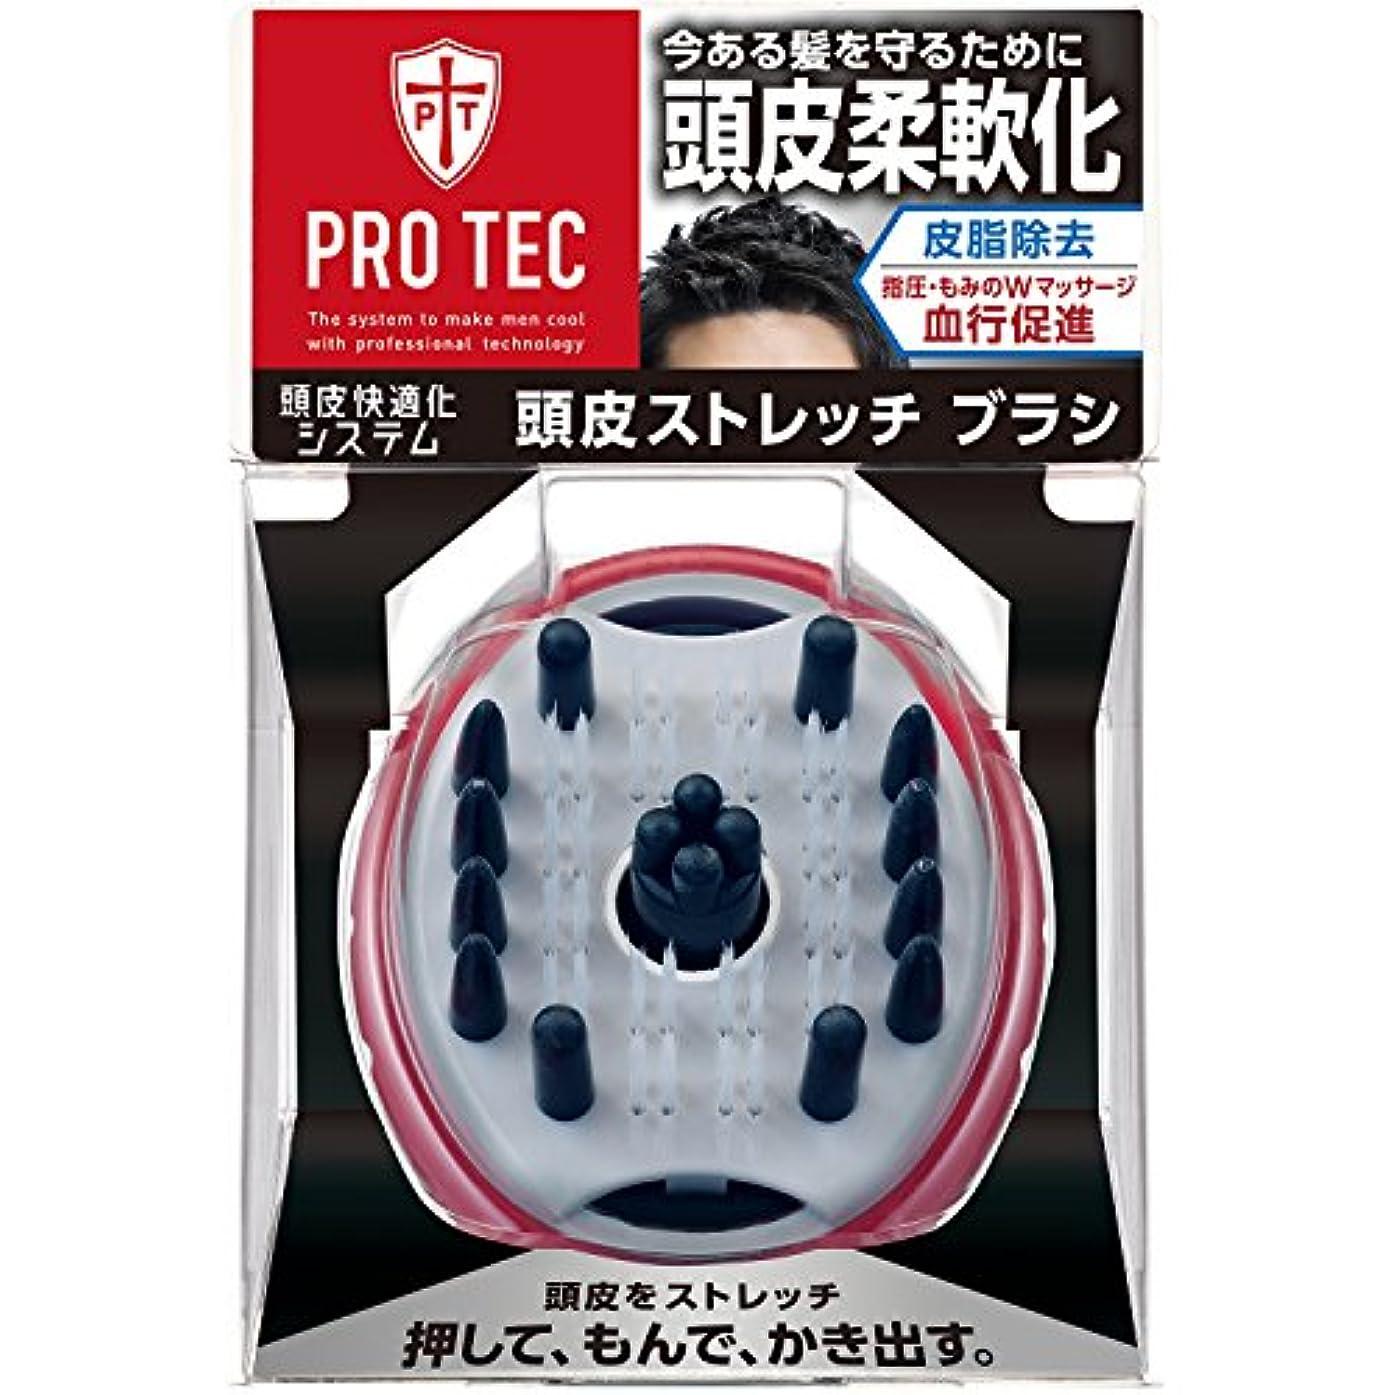 ロマンス一貫した人に関する限りPRO TEC(プロテク) ウォッシングブラシ 頭皮ストレッチタイプ